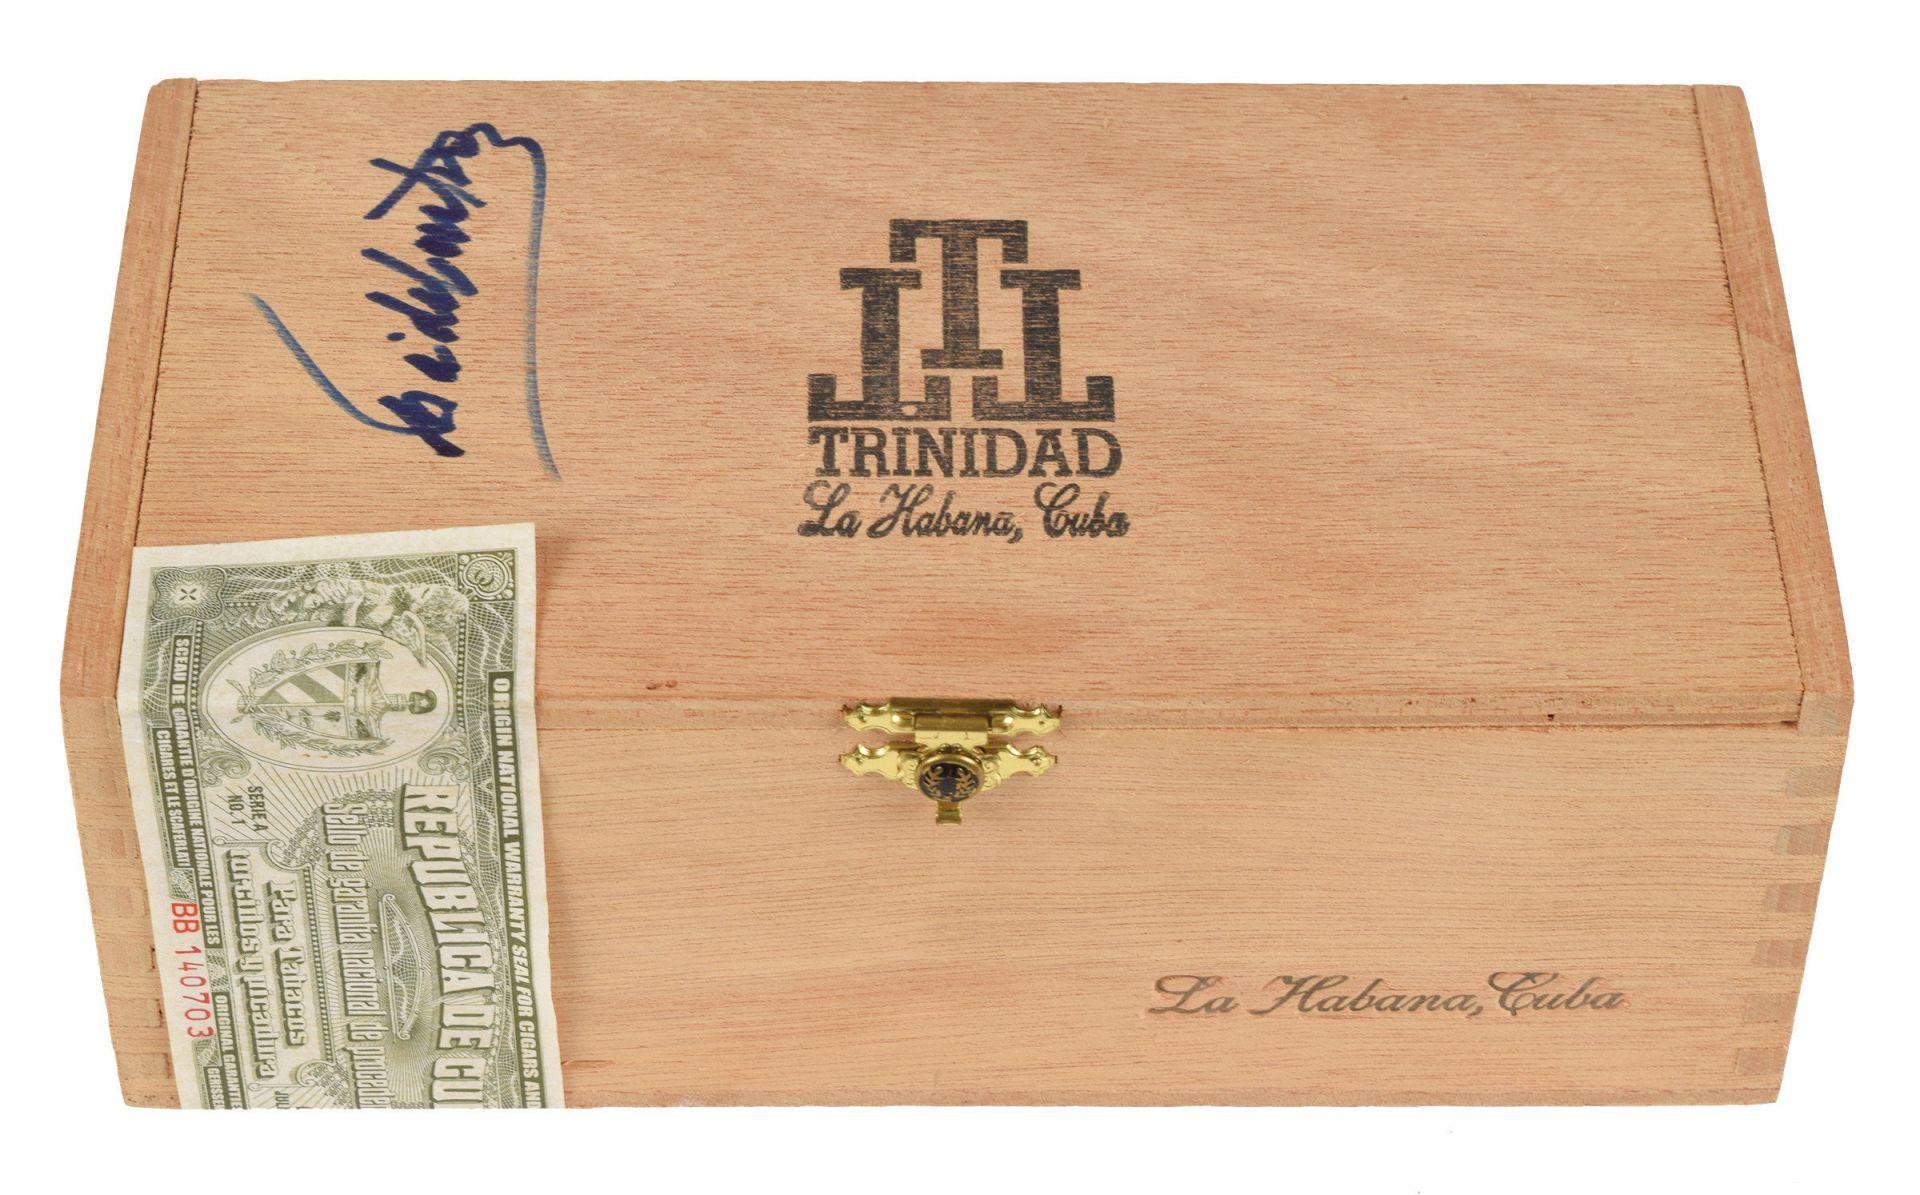 Una caja de puros de Fidel Castro se subasta por 27.000 dólares